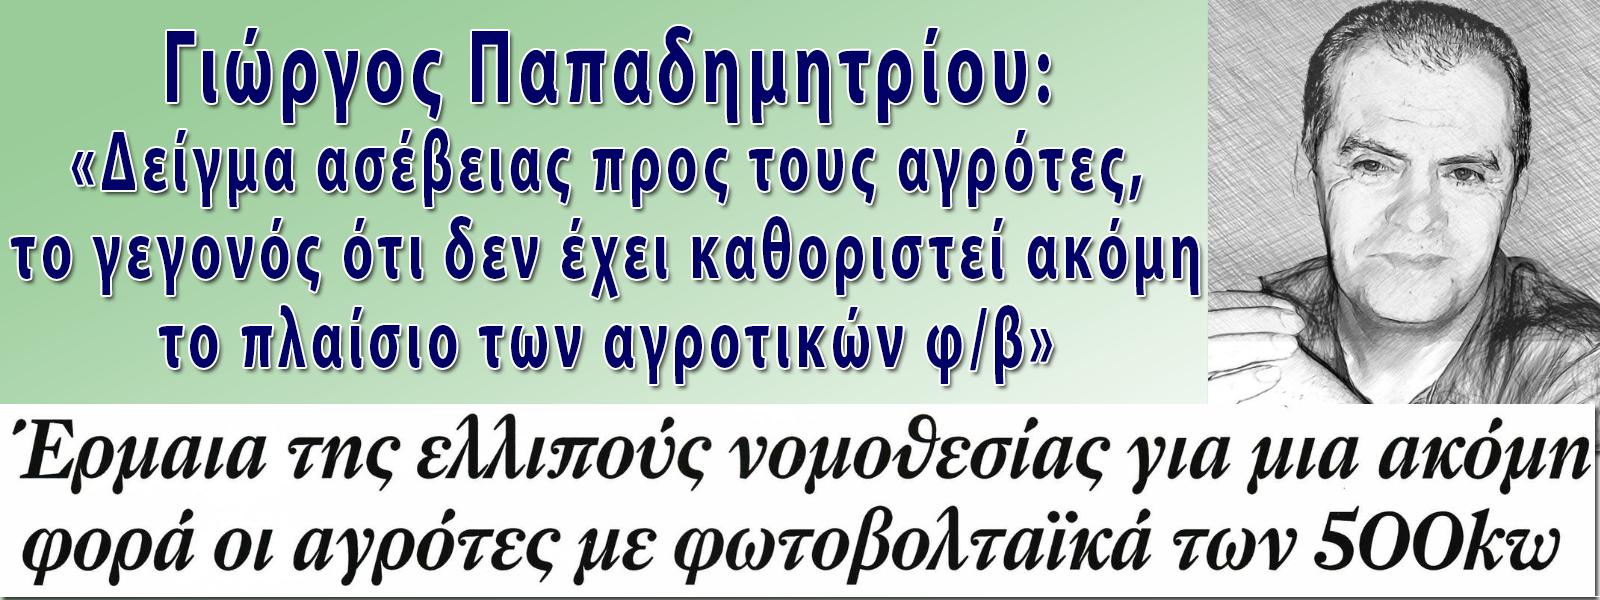 ΓΙΩΡΓΟΣ ΠΑΠΑΔΗΜΗΤΡΙΟΥ